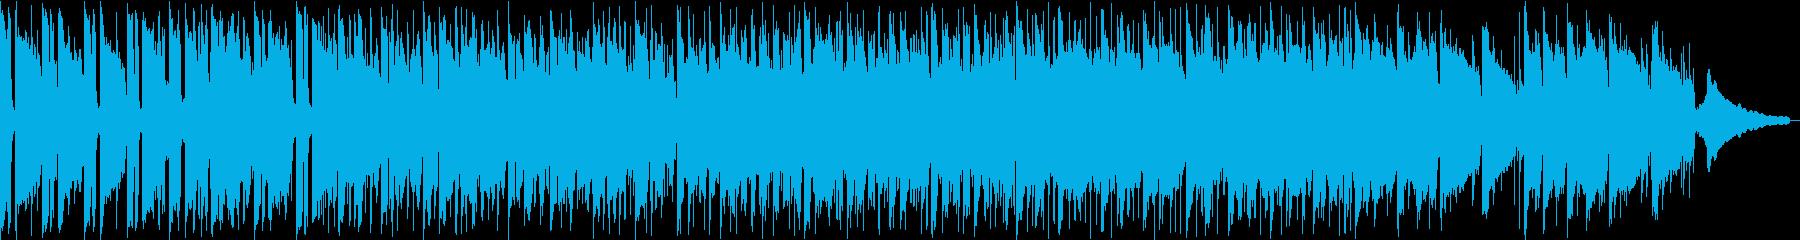 シンセサイザーのリードが印象的なインストの再生済みの波形